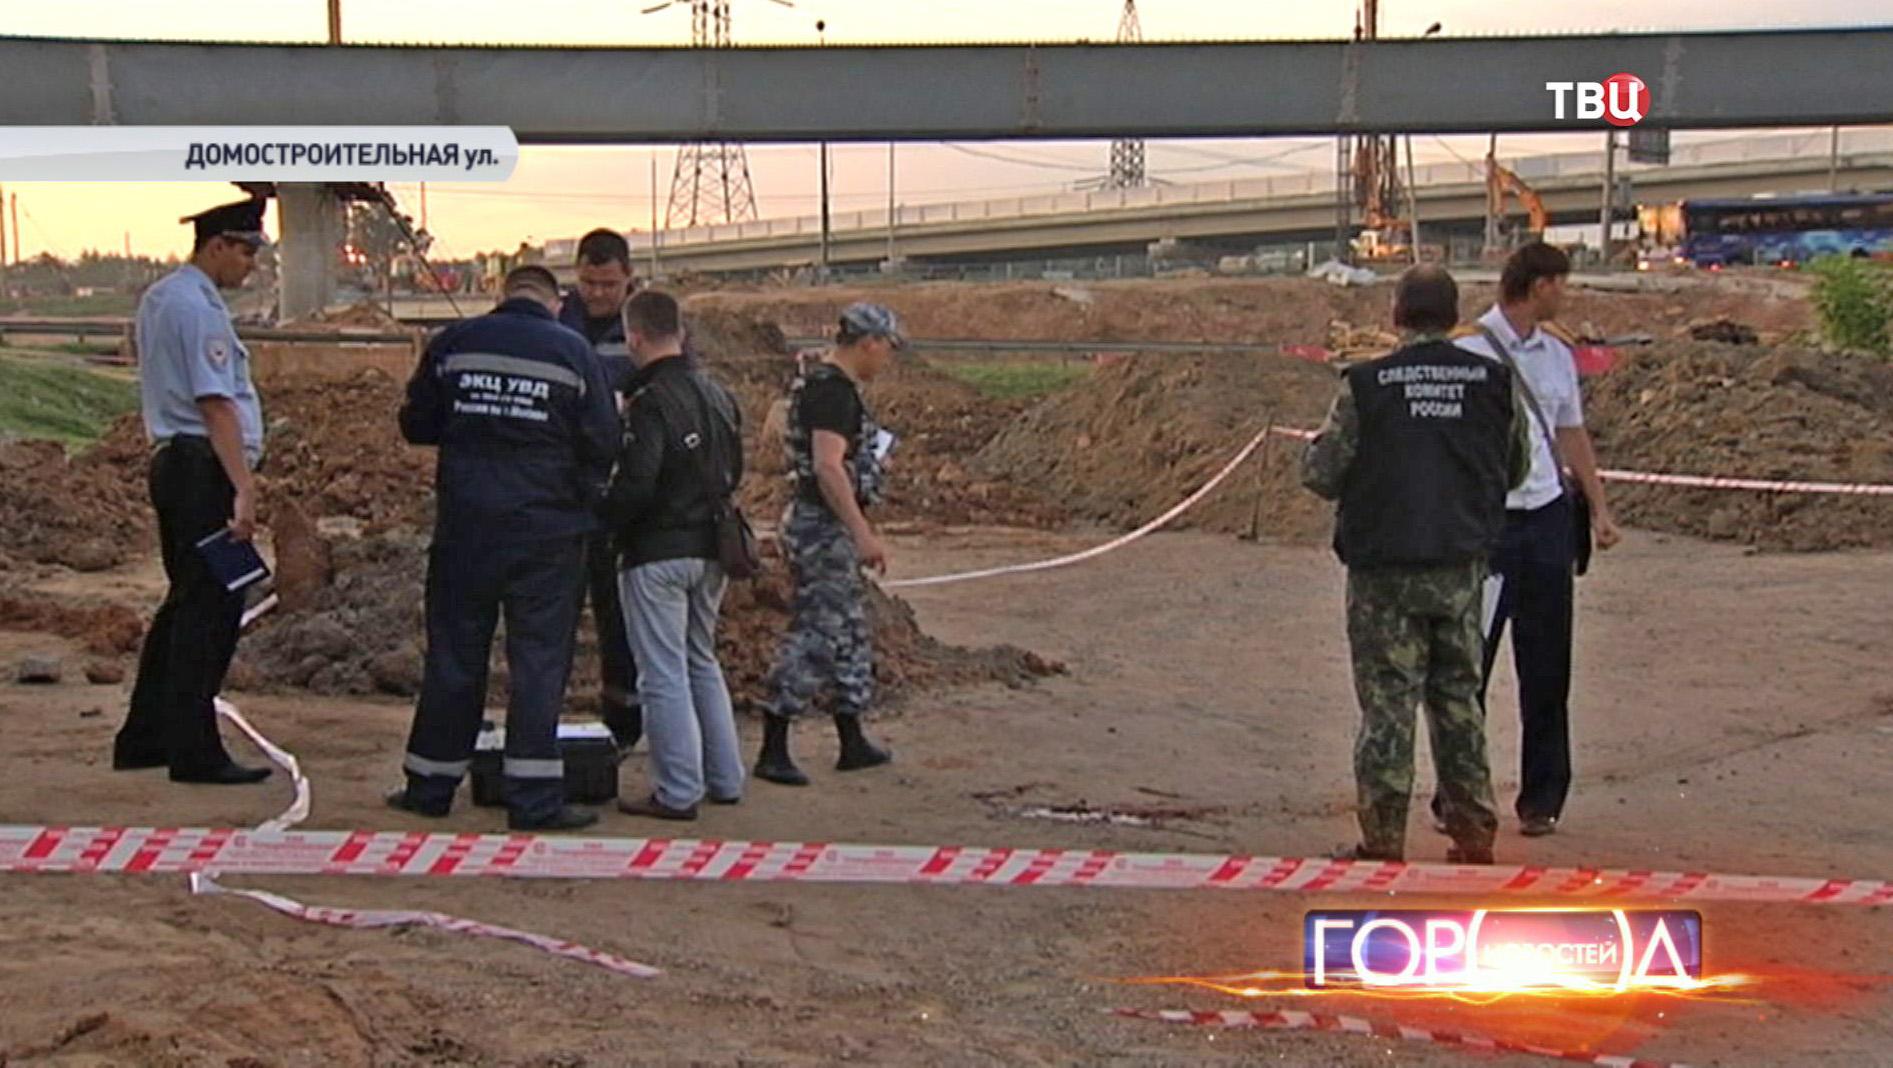 Сотрудники полиции на месте убийства участкового в Новопеределкине